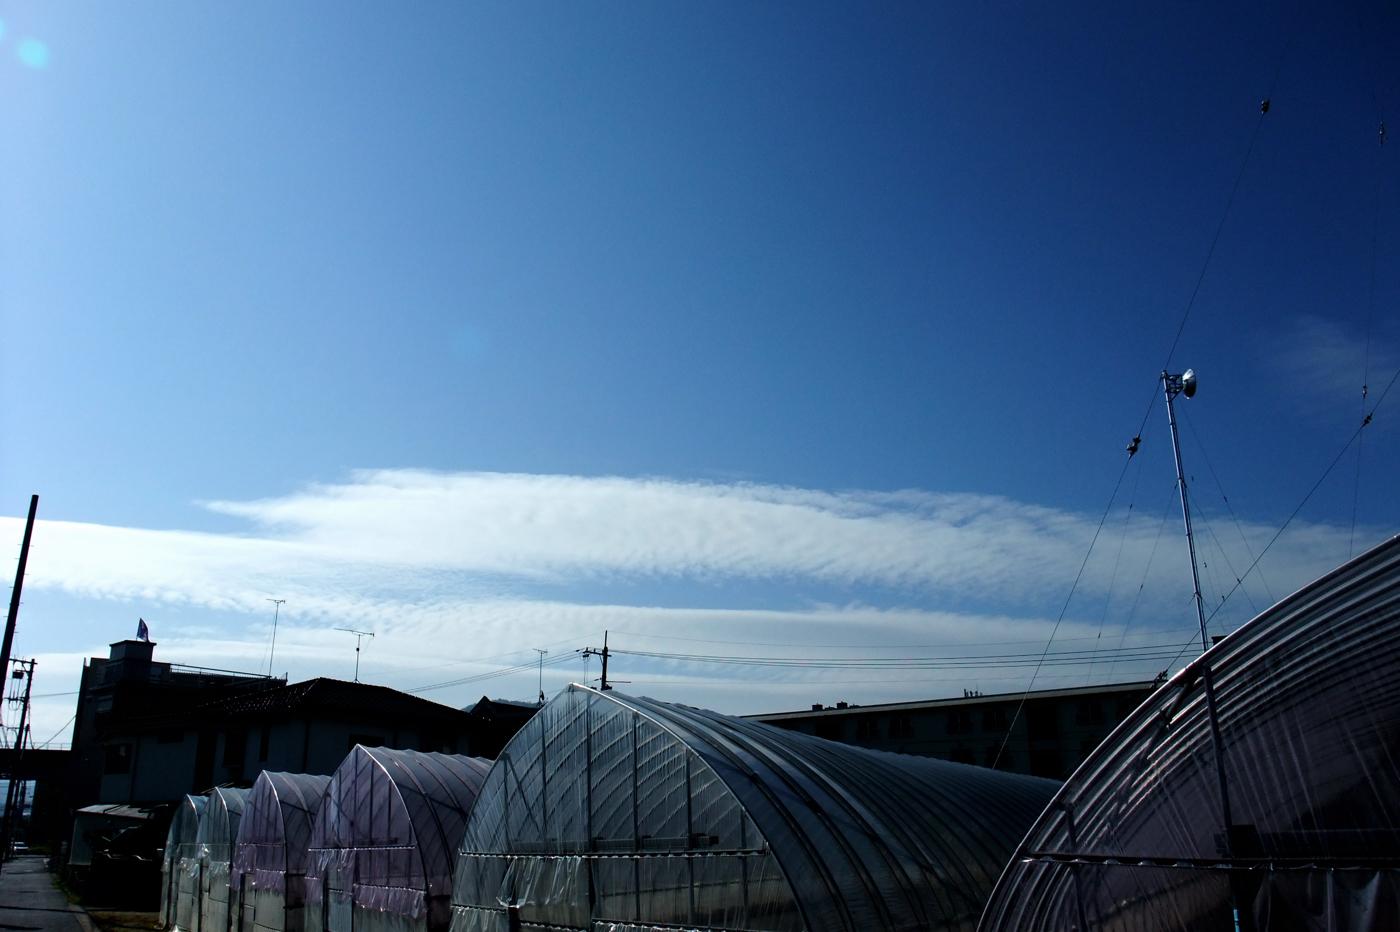 キレイな青空と雲